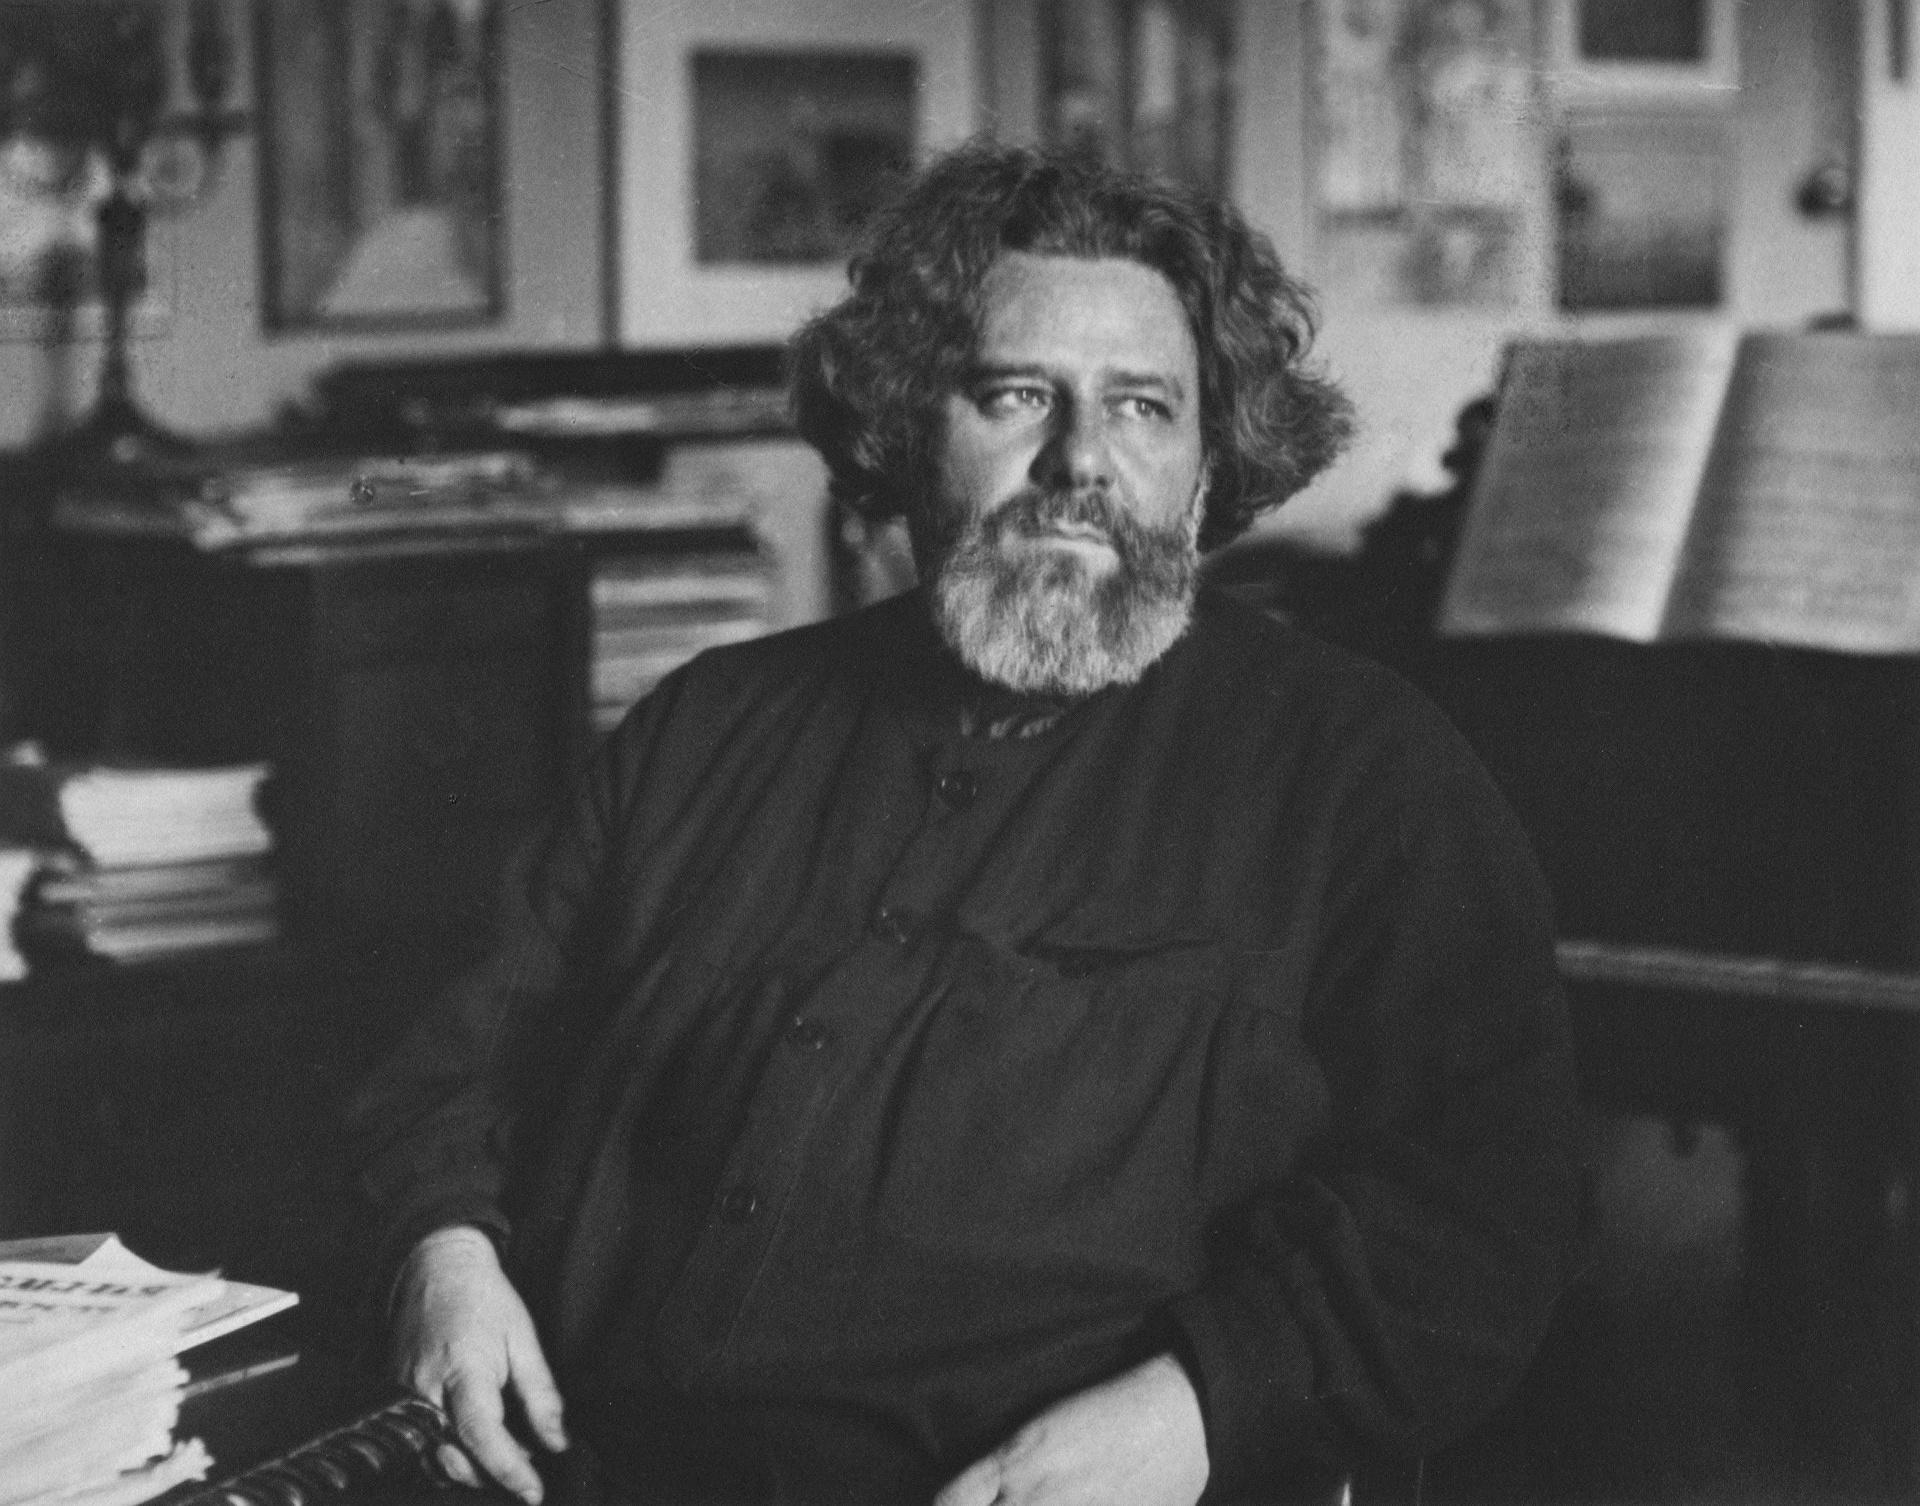 28 мая 1877 года родился Максимилиан Волошин. Русский поэт, имевший репутацию провидца и пророка. Художник-пейзажист «киммерийской школы живописи», участник выставок «Мира искусства».